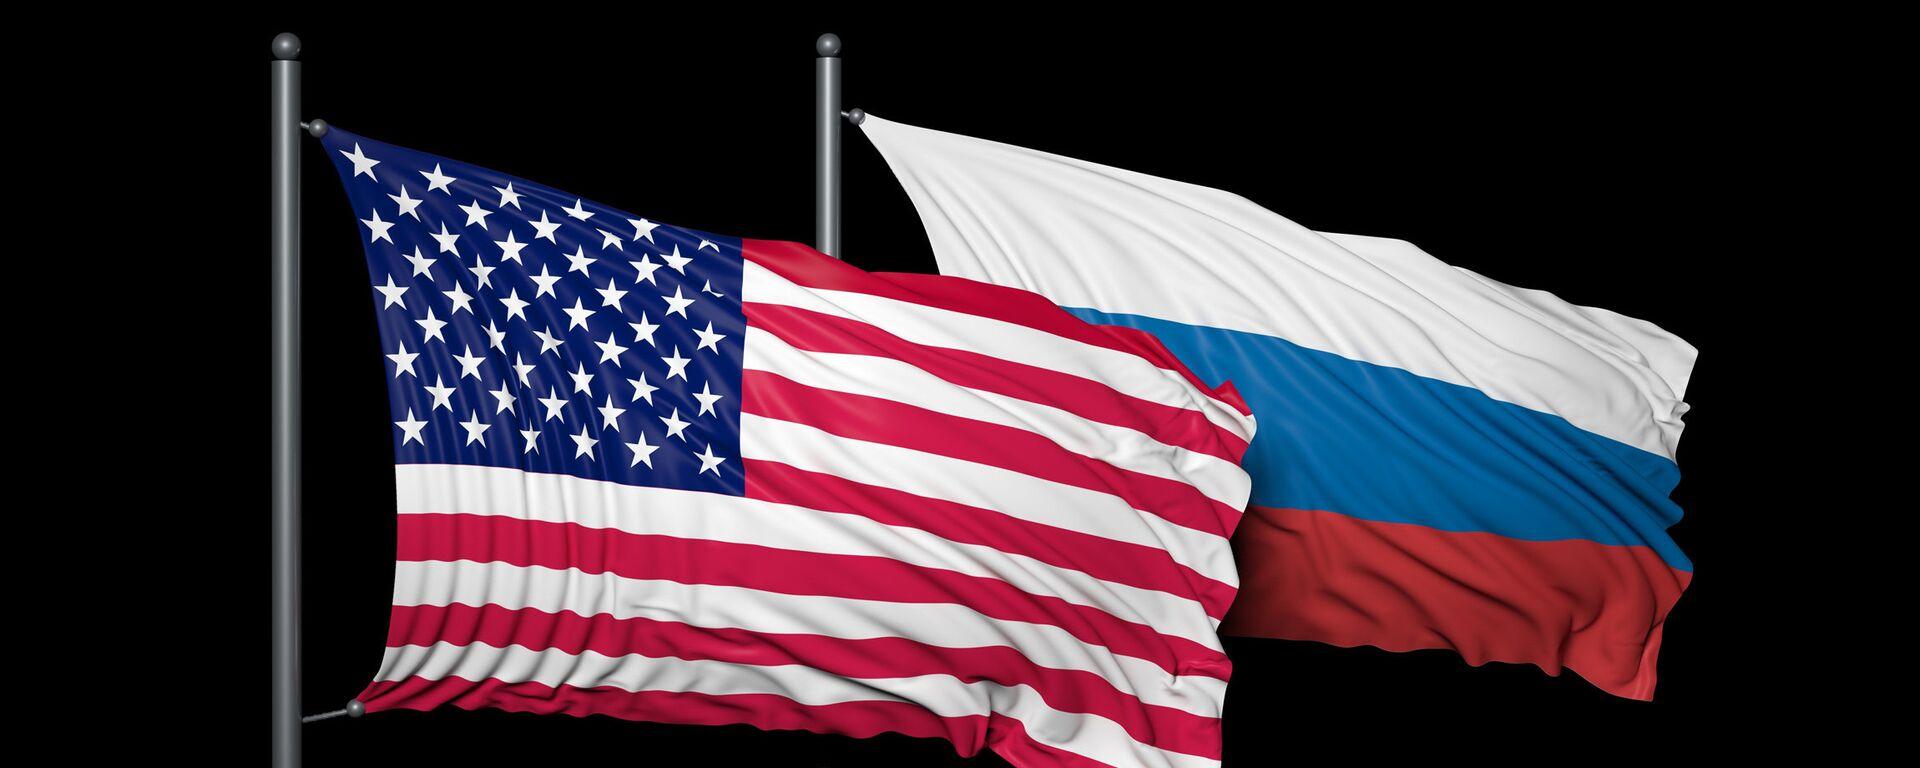 Banderas de EEUU y de Rusia  - Sputnik Mundo, 1920, 13.04.2021